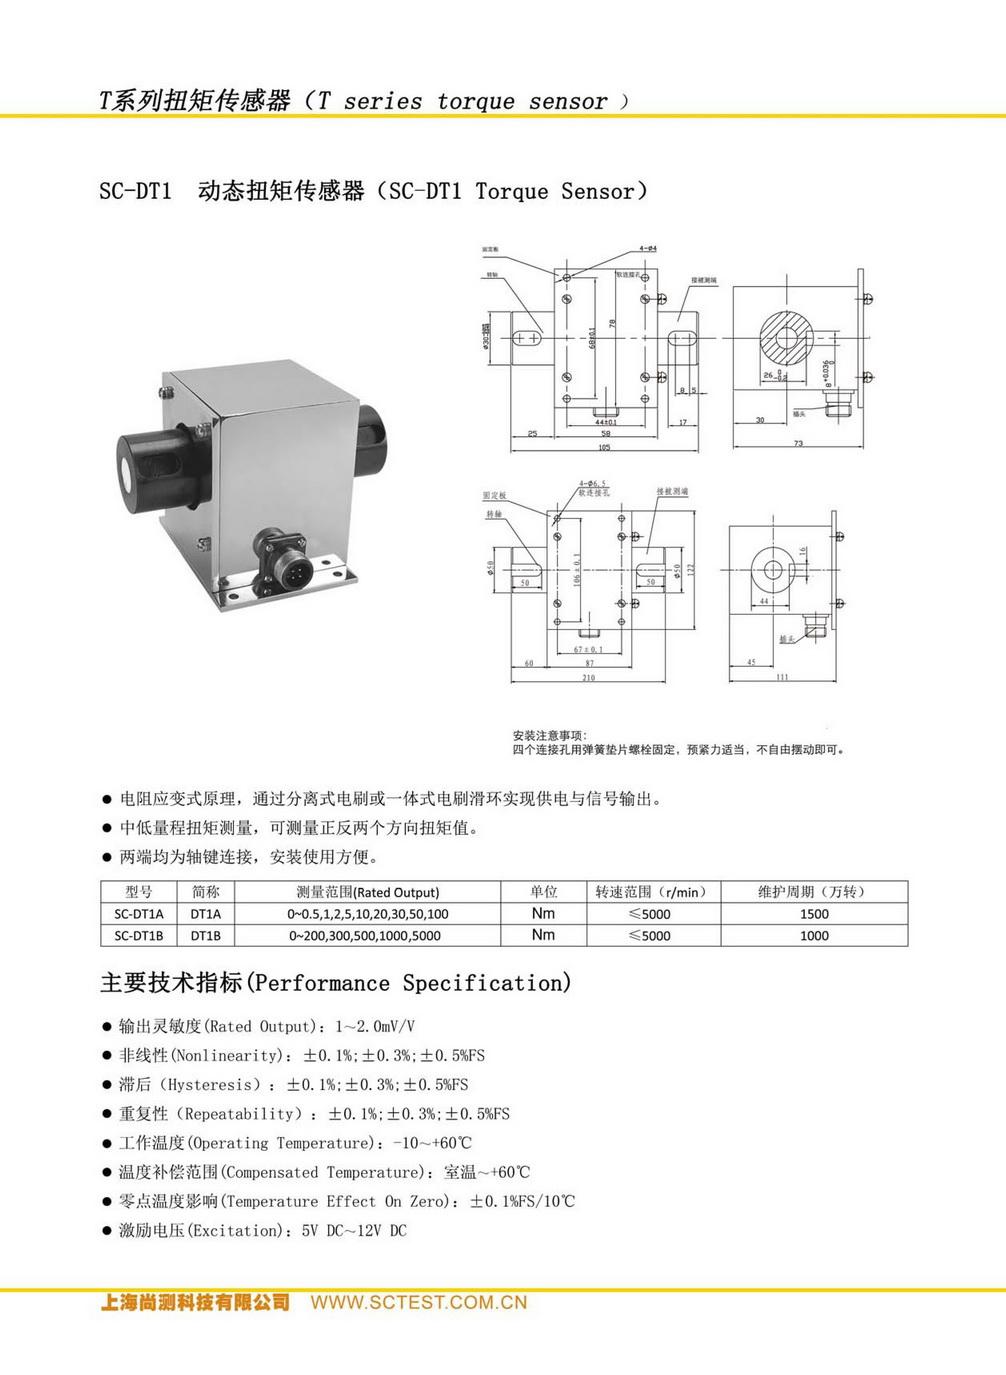 尚测科技产品选型手册 V1.3_页面_21_调整大小.jpg